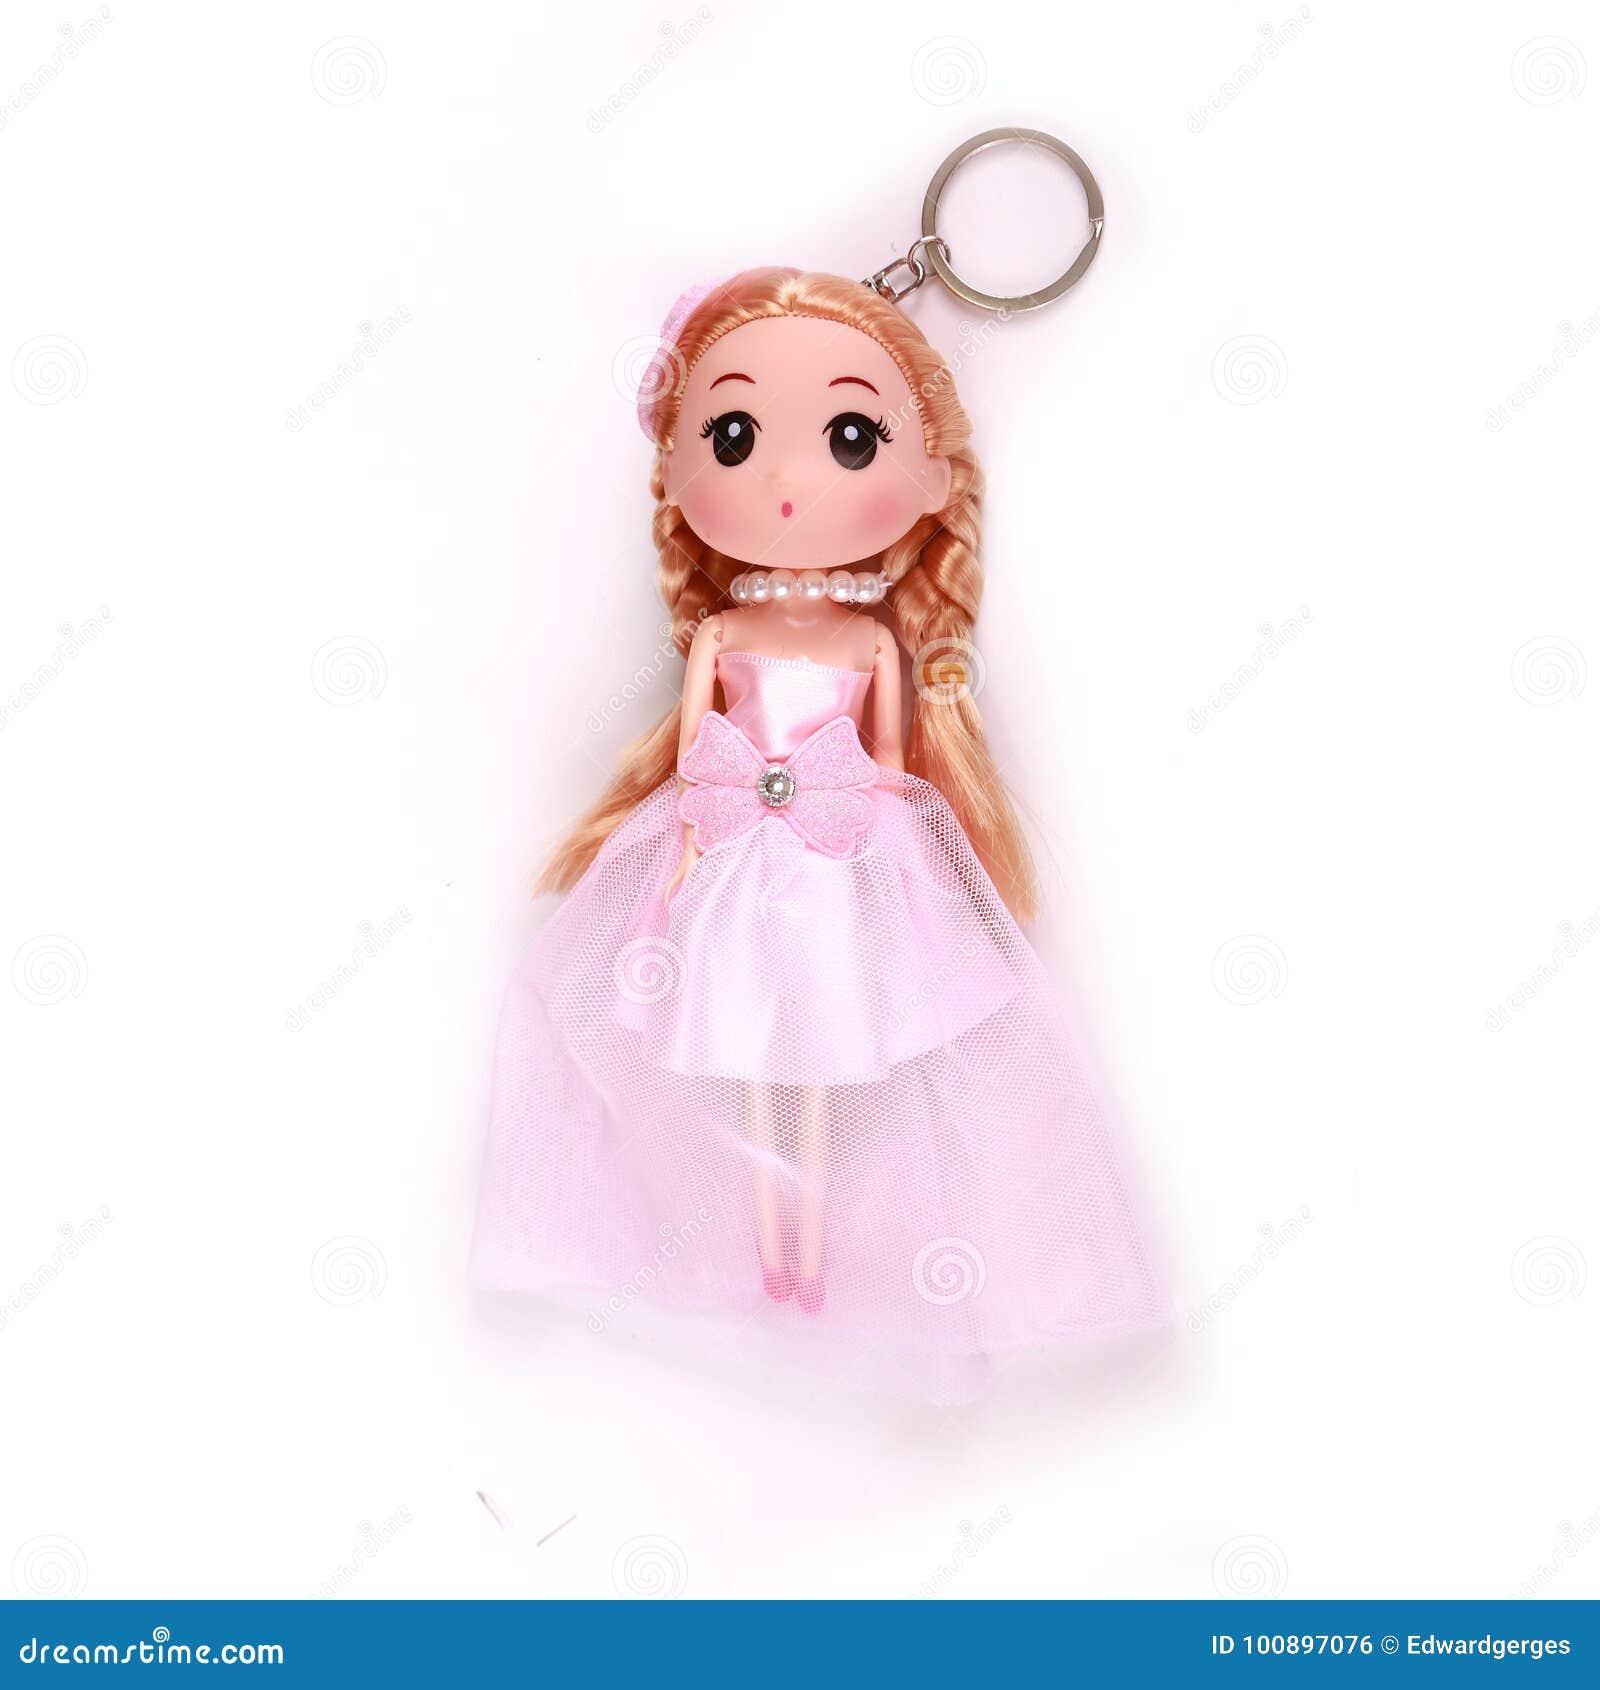 Girl pink doll medal keys stock photo. Image of christmas - 100897076